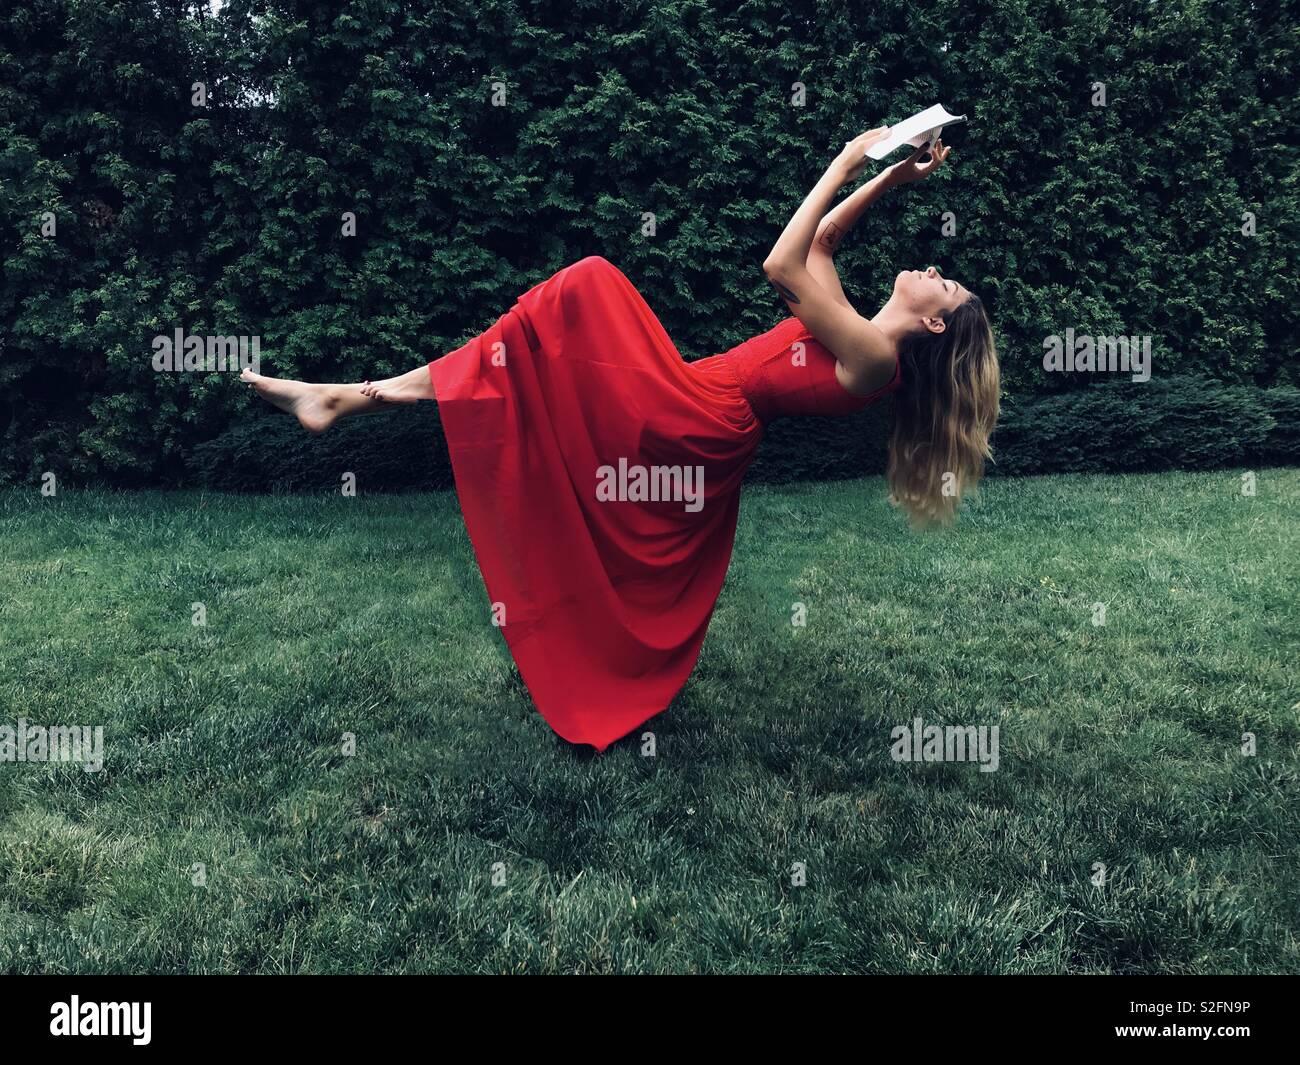 Ragazza in abito rosso battenti con libro Immagini Stock